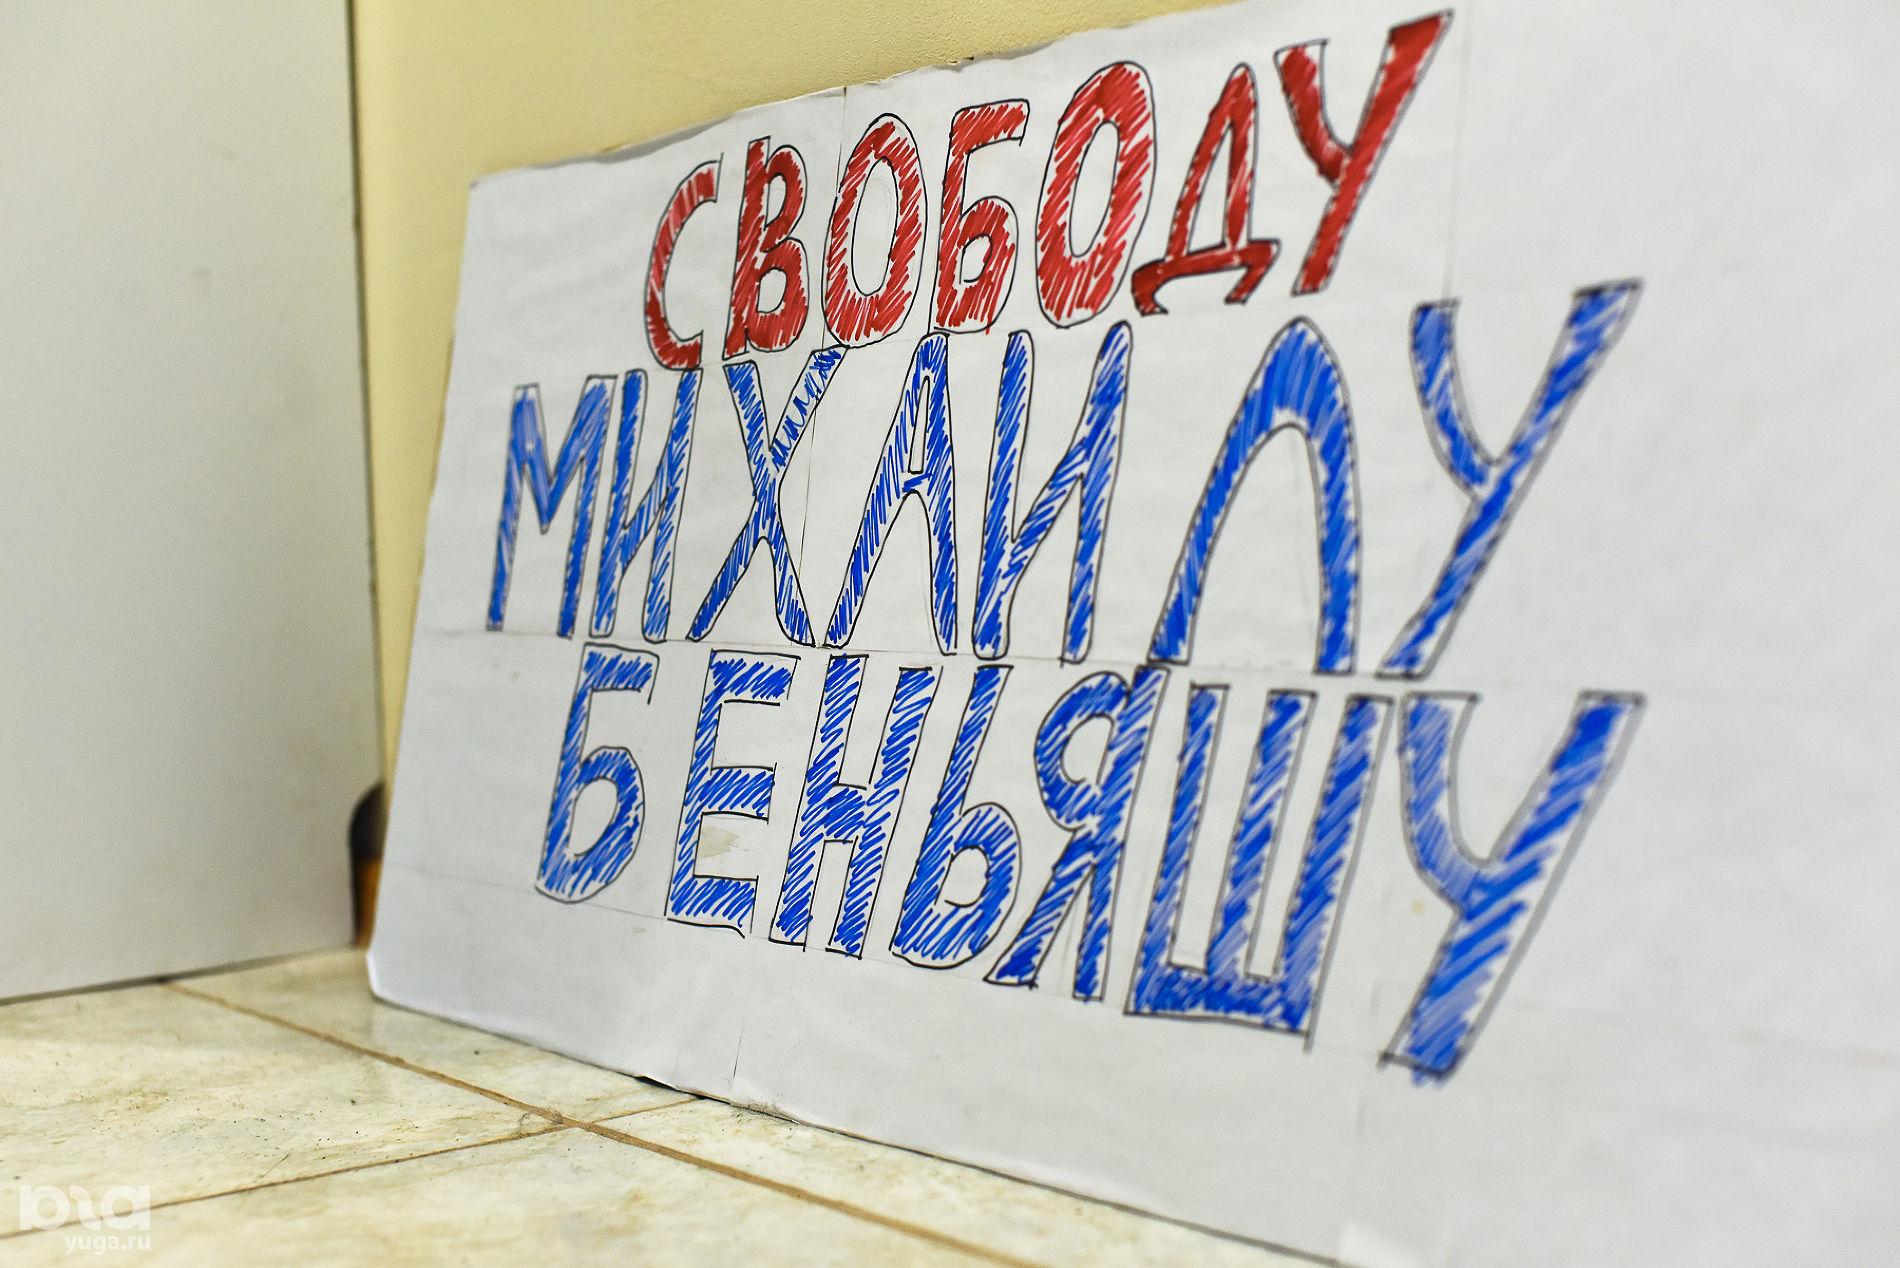 Михаил Беньяш ©Фото Елены Синеок, Юга.ру